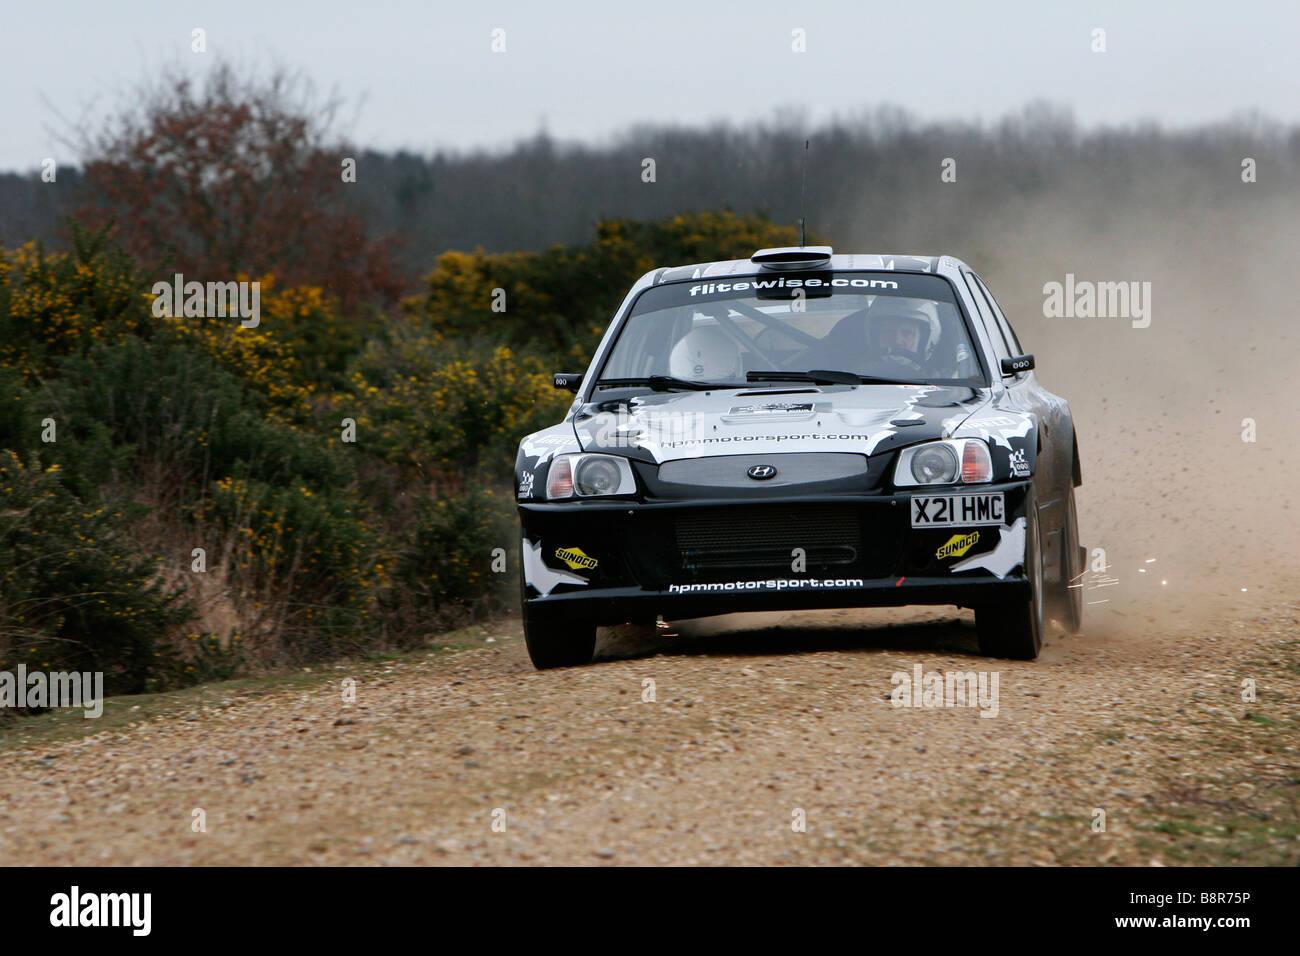 Un Hyundai Accent in velocità in Rallye Sunseeker 2009. Immagini Stock